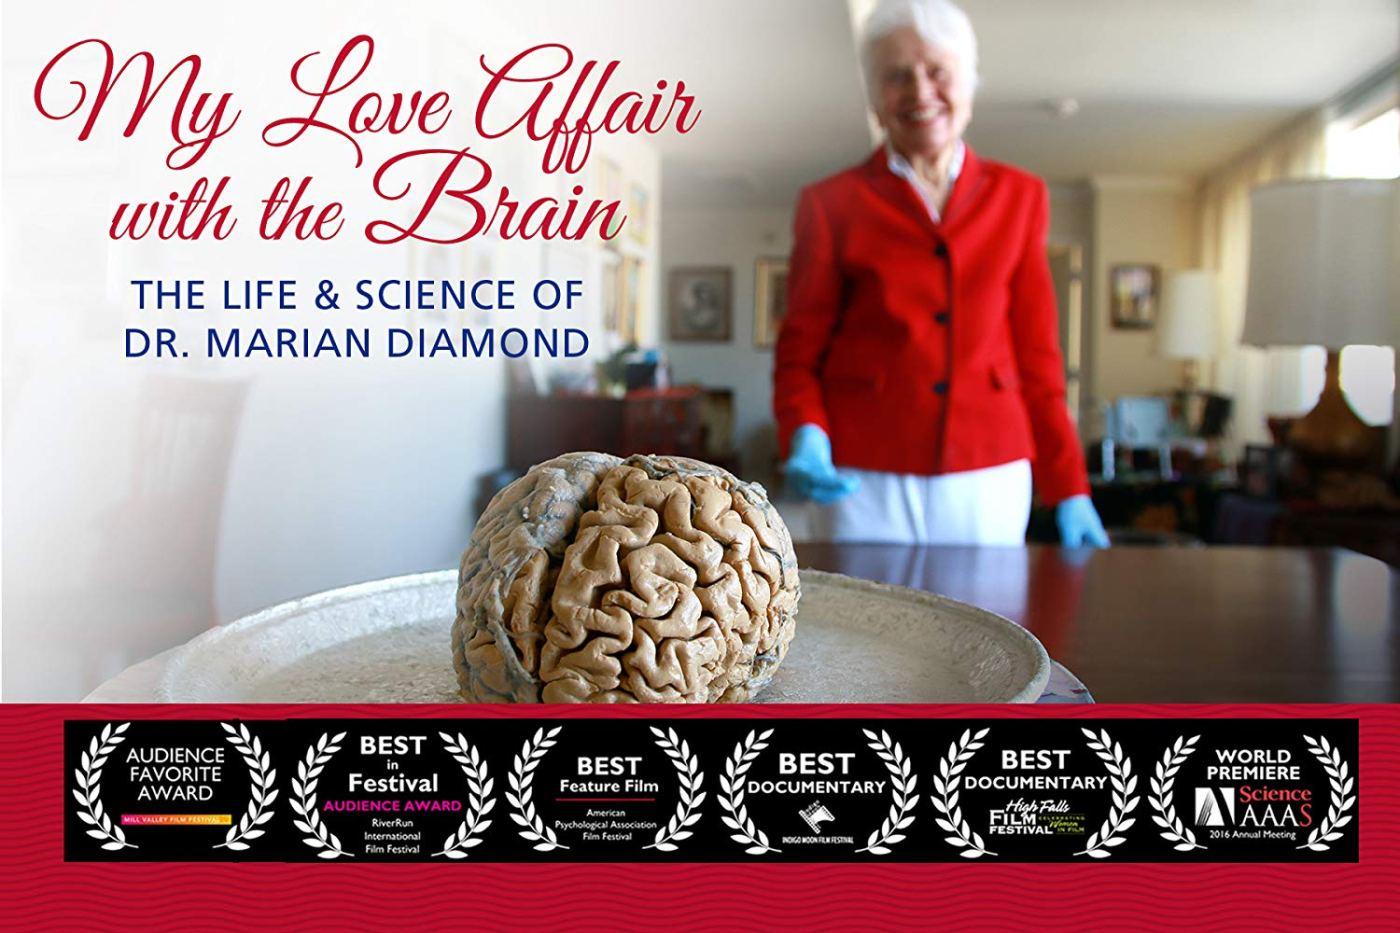 Love Affair with the Brain